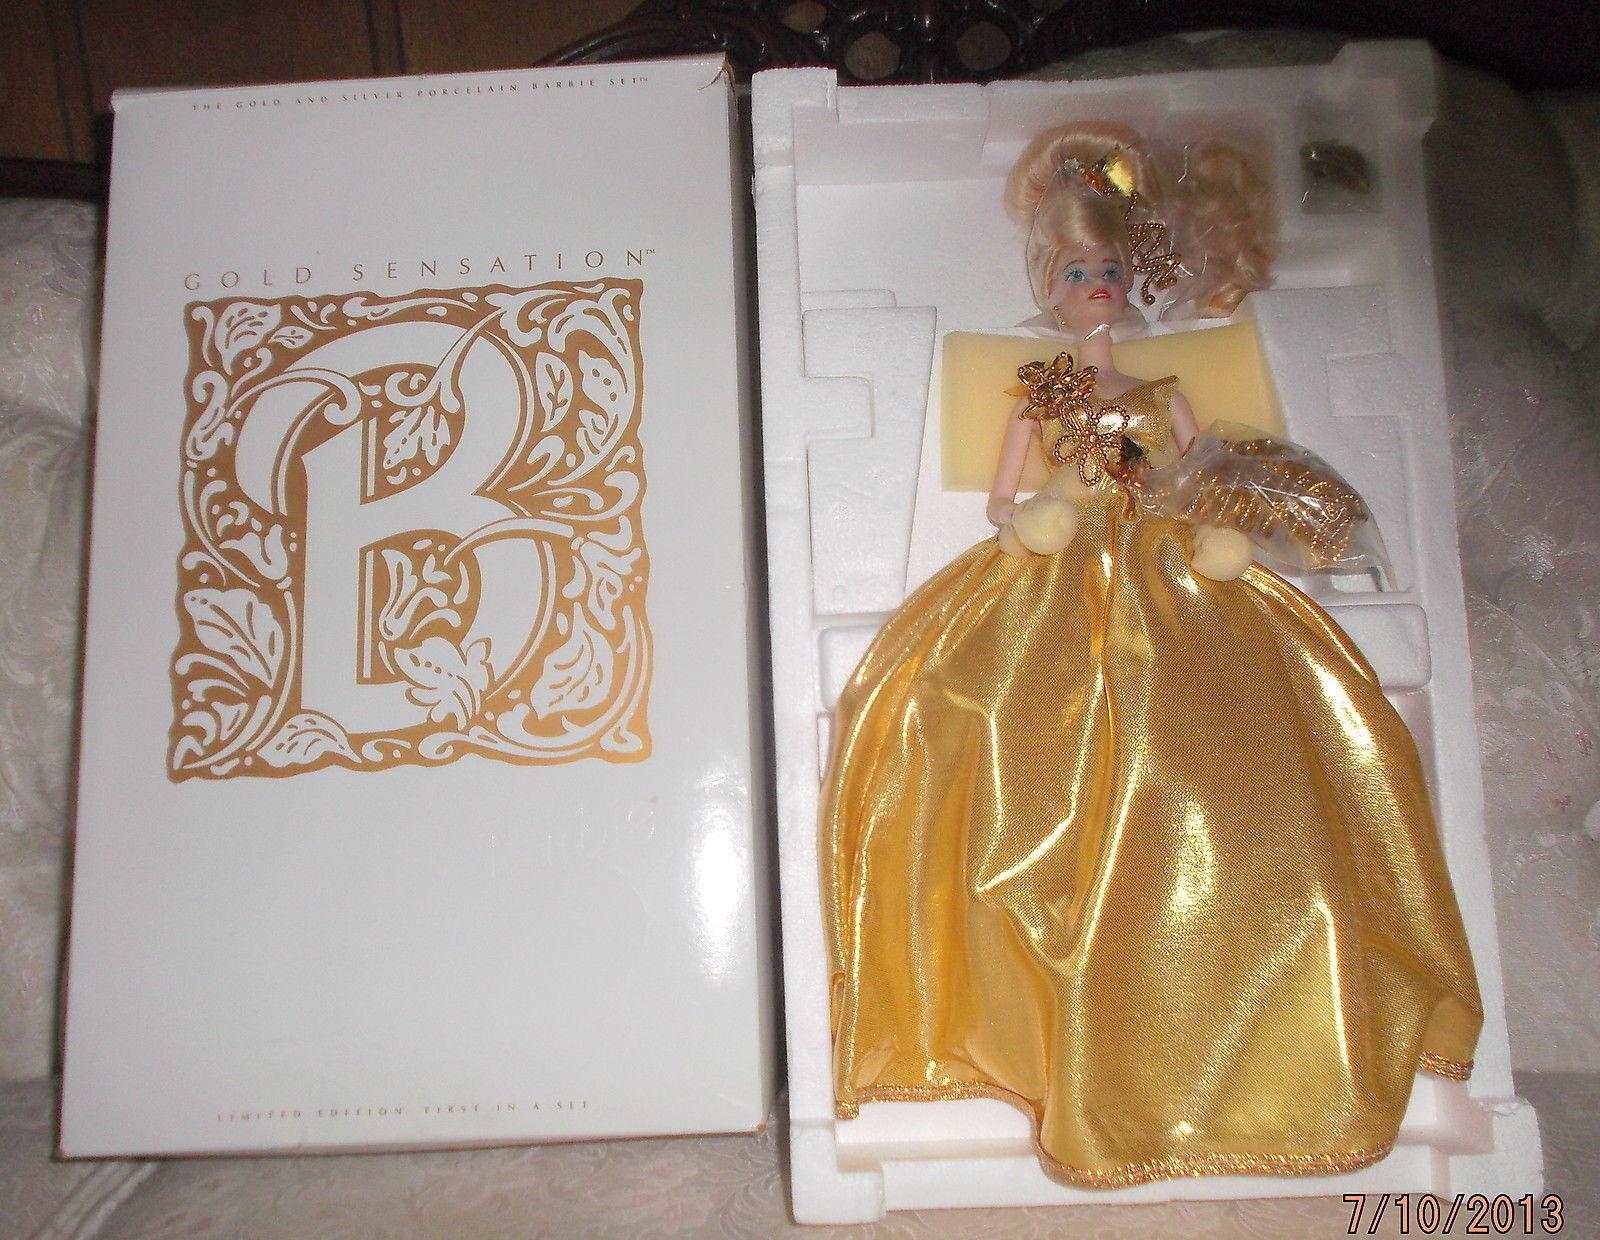 1993 sensación de oro Edición Limitada De Barbie nunca quitado de la Caja de porcelana